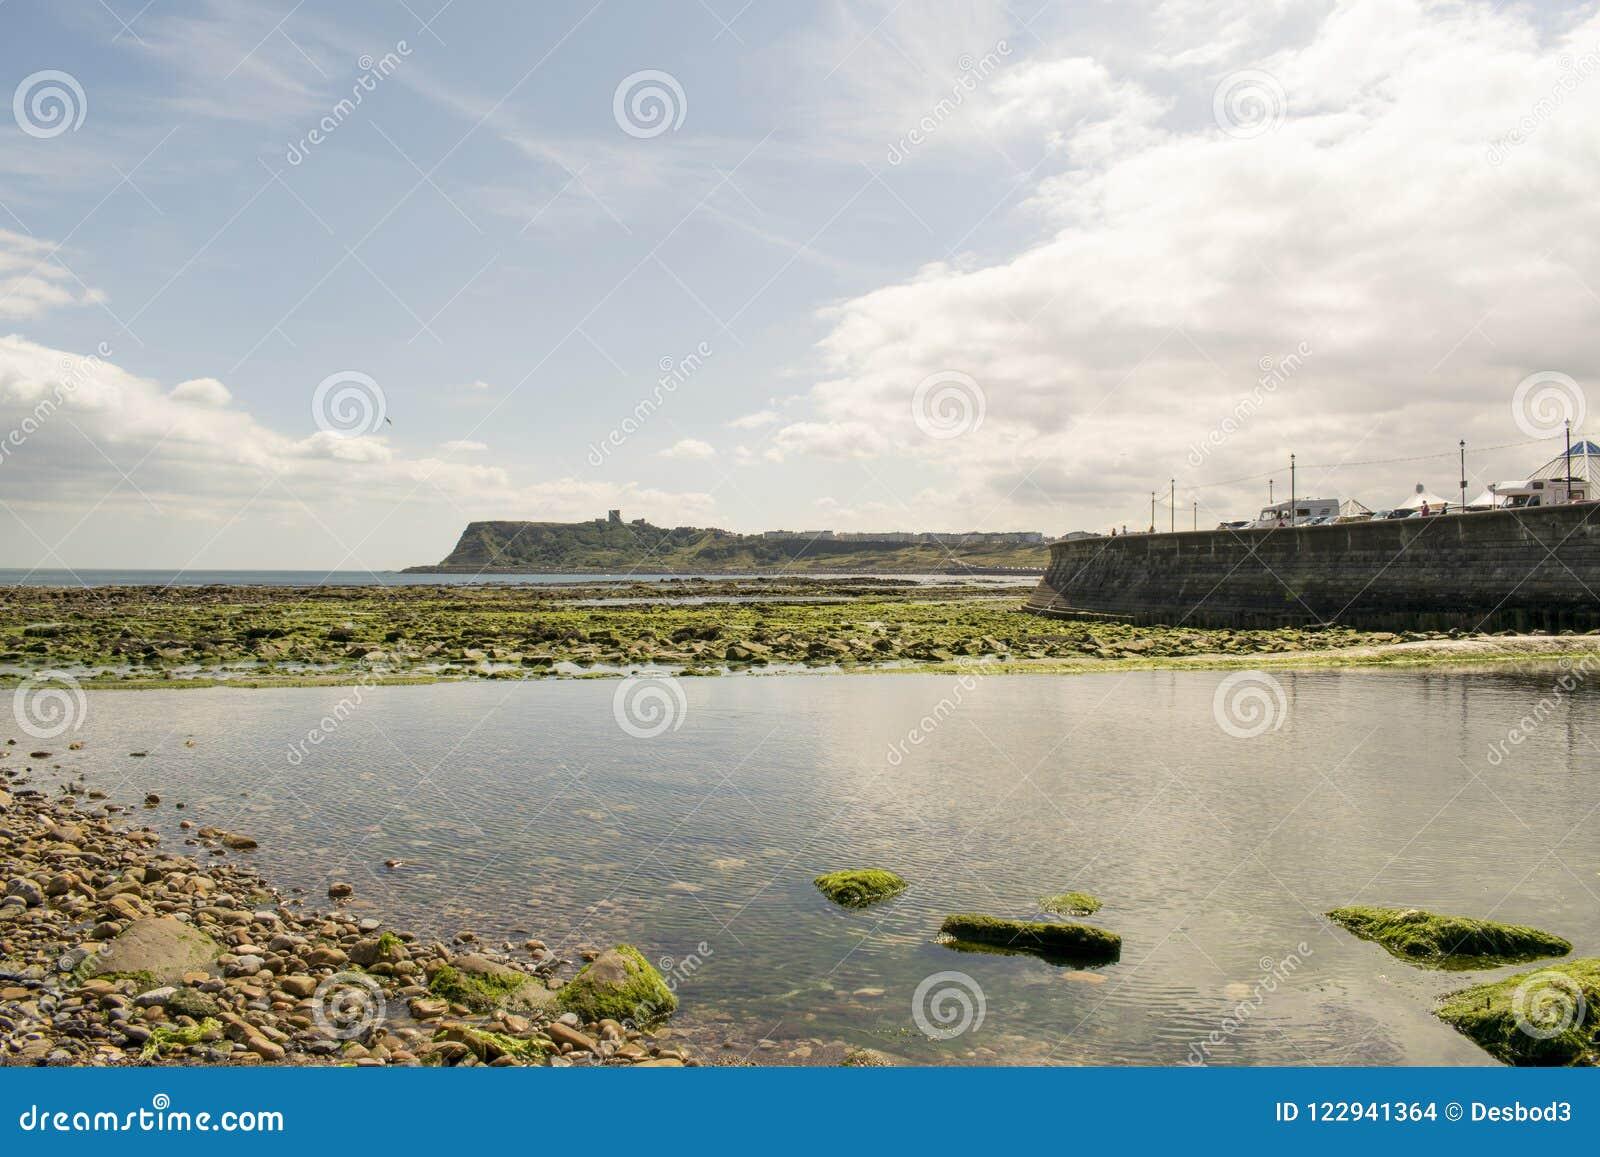 Bahía del norte de Scarborough, North Yorkshire, Inglaterra, Reino Unido